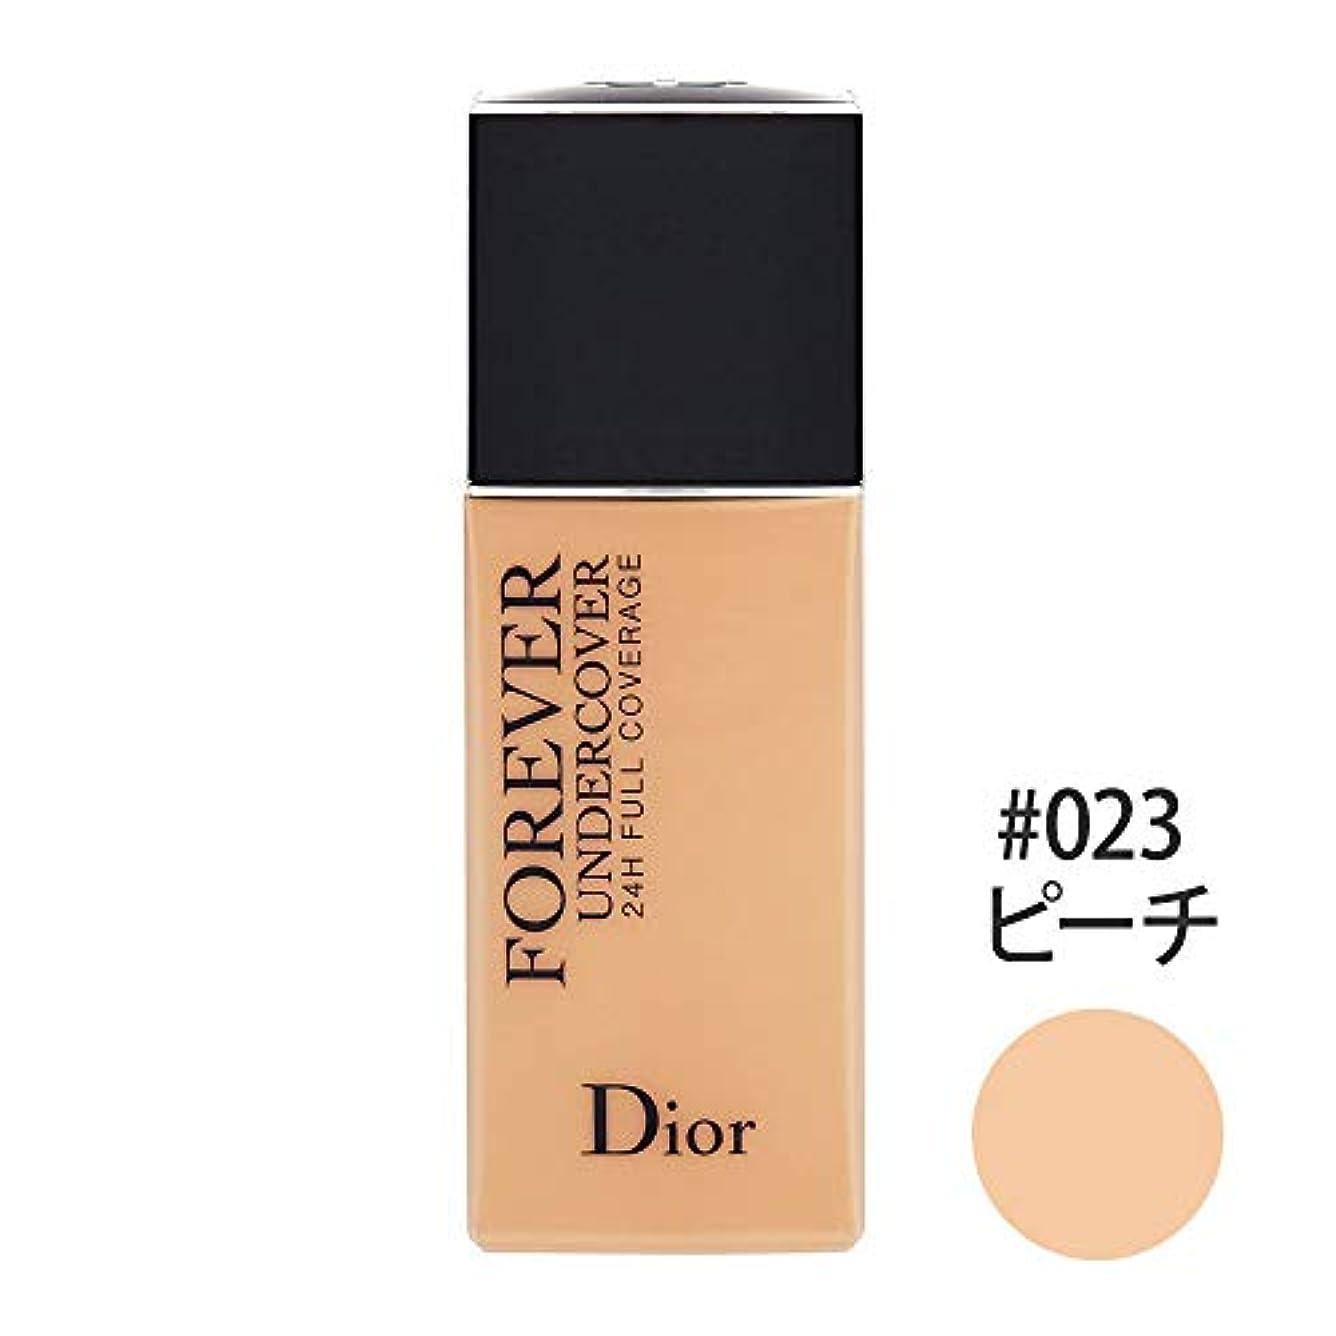 特徴づけるローンチロディオール(Dior) ディオールスキン フォーエヴァー アンダーカバー #023(ピーチ) 40ml [並行輸入品]